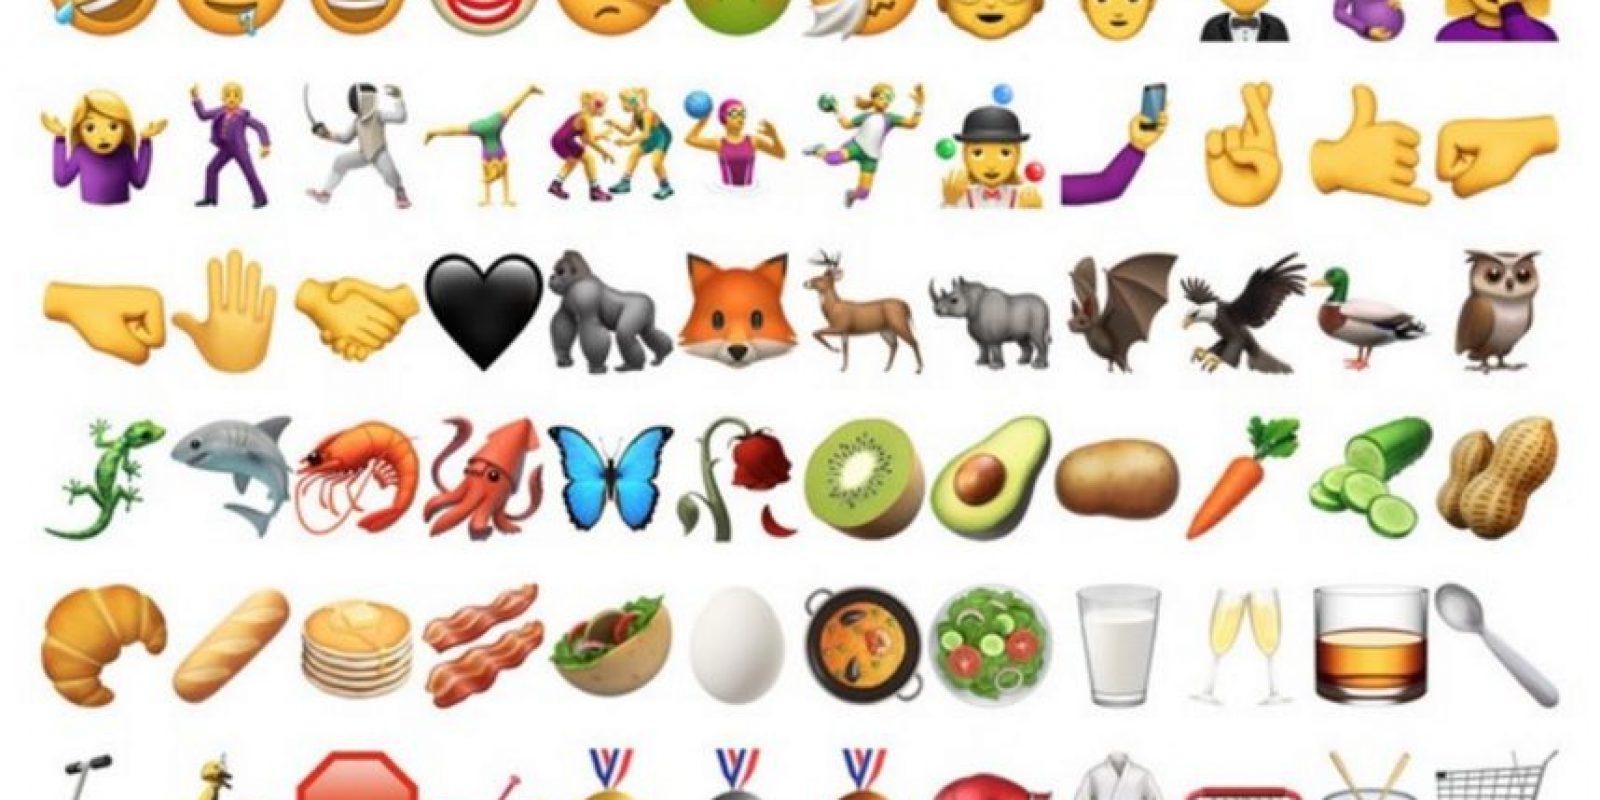 iOS 10 se actualizará pronto y traerá grandes sorpresas: finalmente incorporará los nuevos emojis de Unicode. Los mismos que se esperan desde hace tiempo. Foto:Apple/Unicode